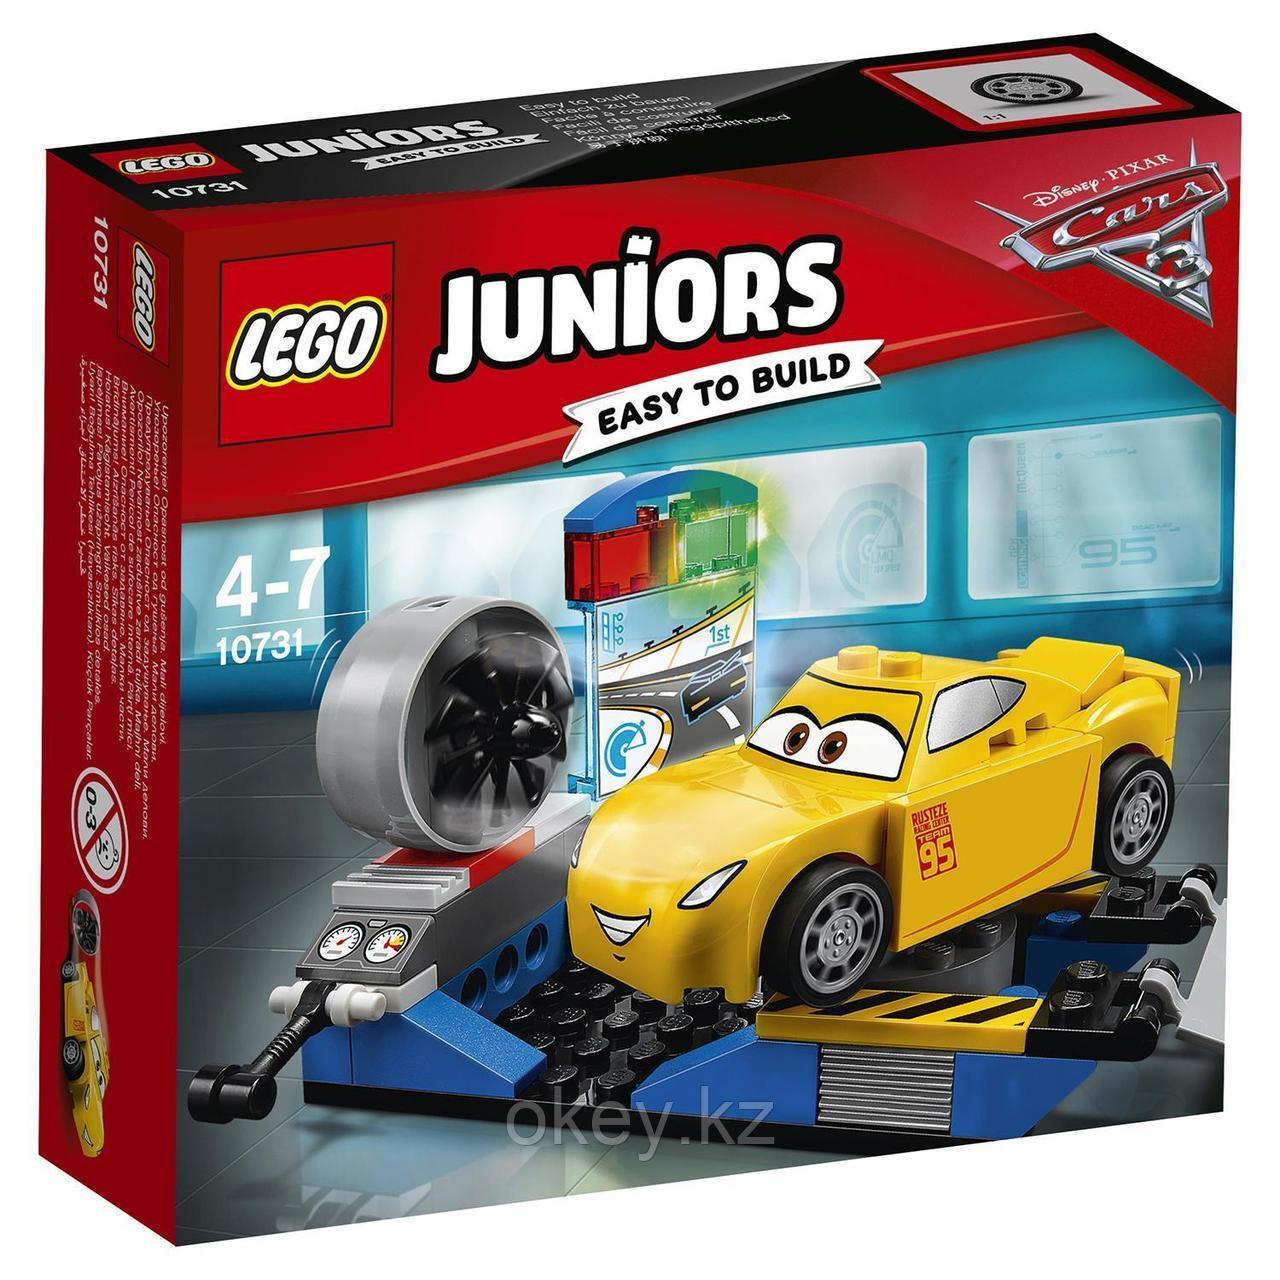 LEGO Juniors: Гоночный тренажёр Крус Рамирес 10731